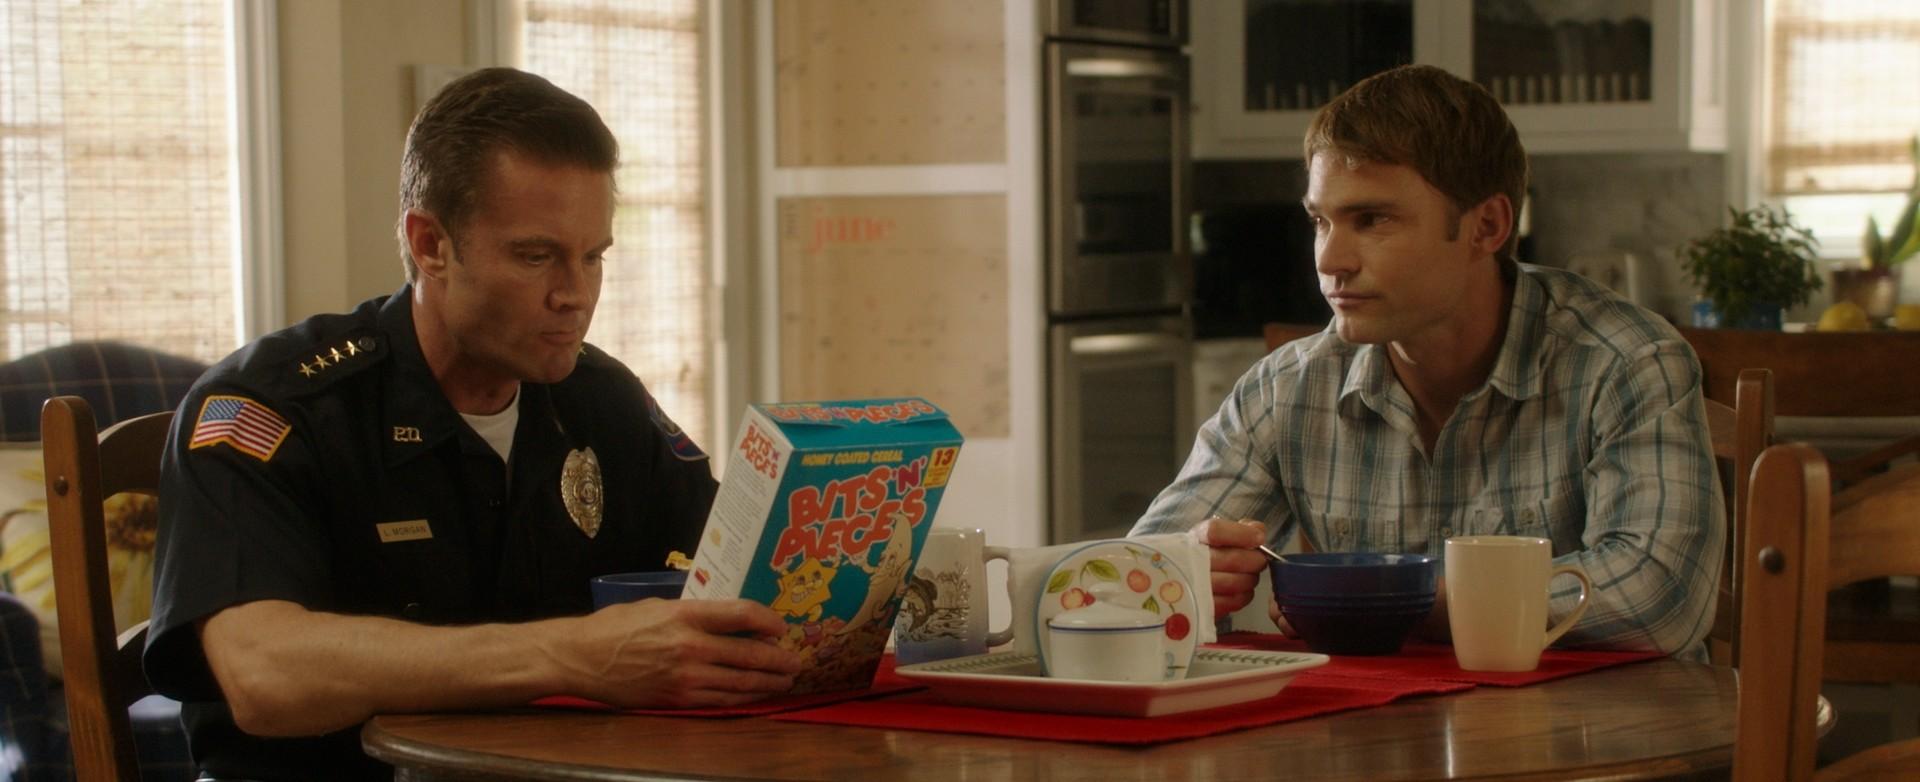 Sean William Scott and Garret Dillahunt in Just Before I Go (2014)